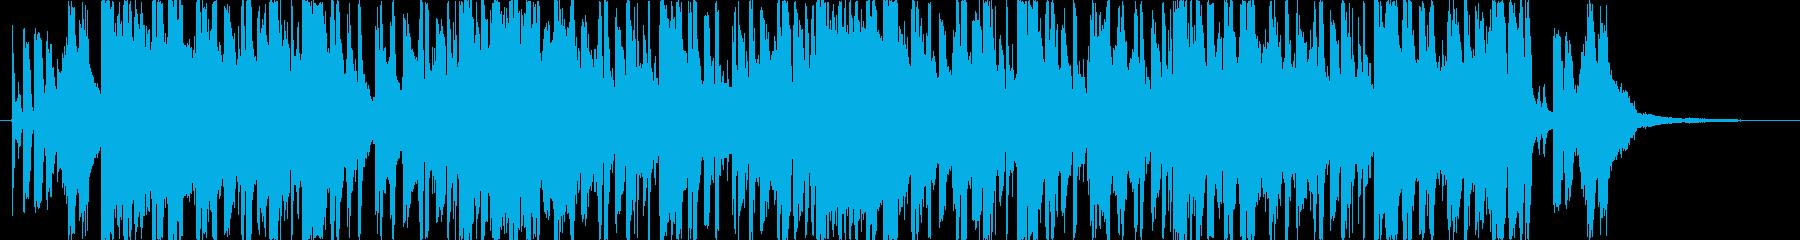 哀愁的な雰囲気を持った楽曲の再生済みの波形